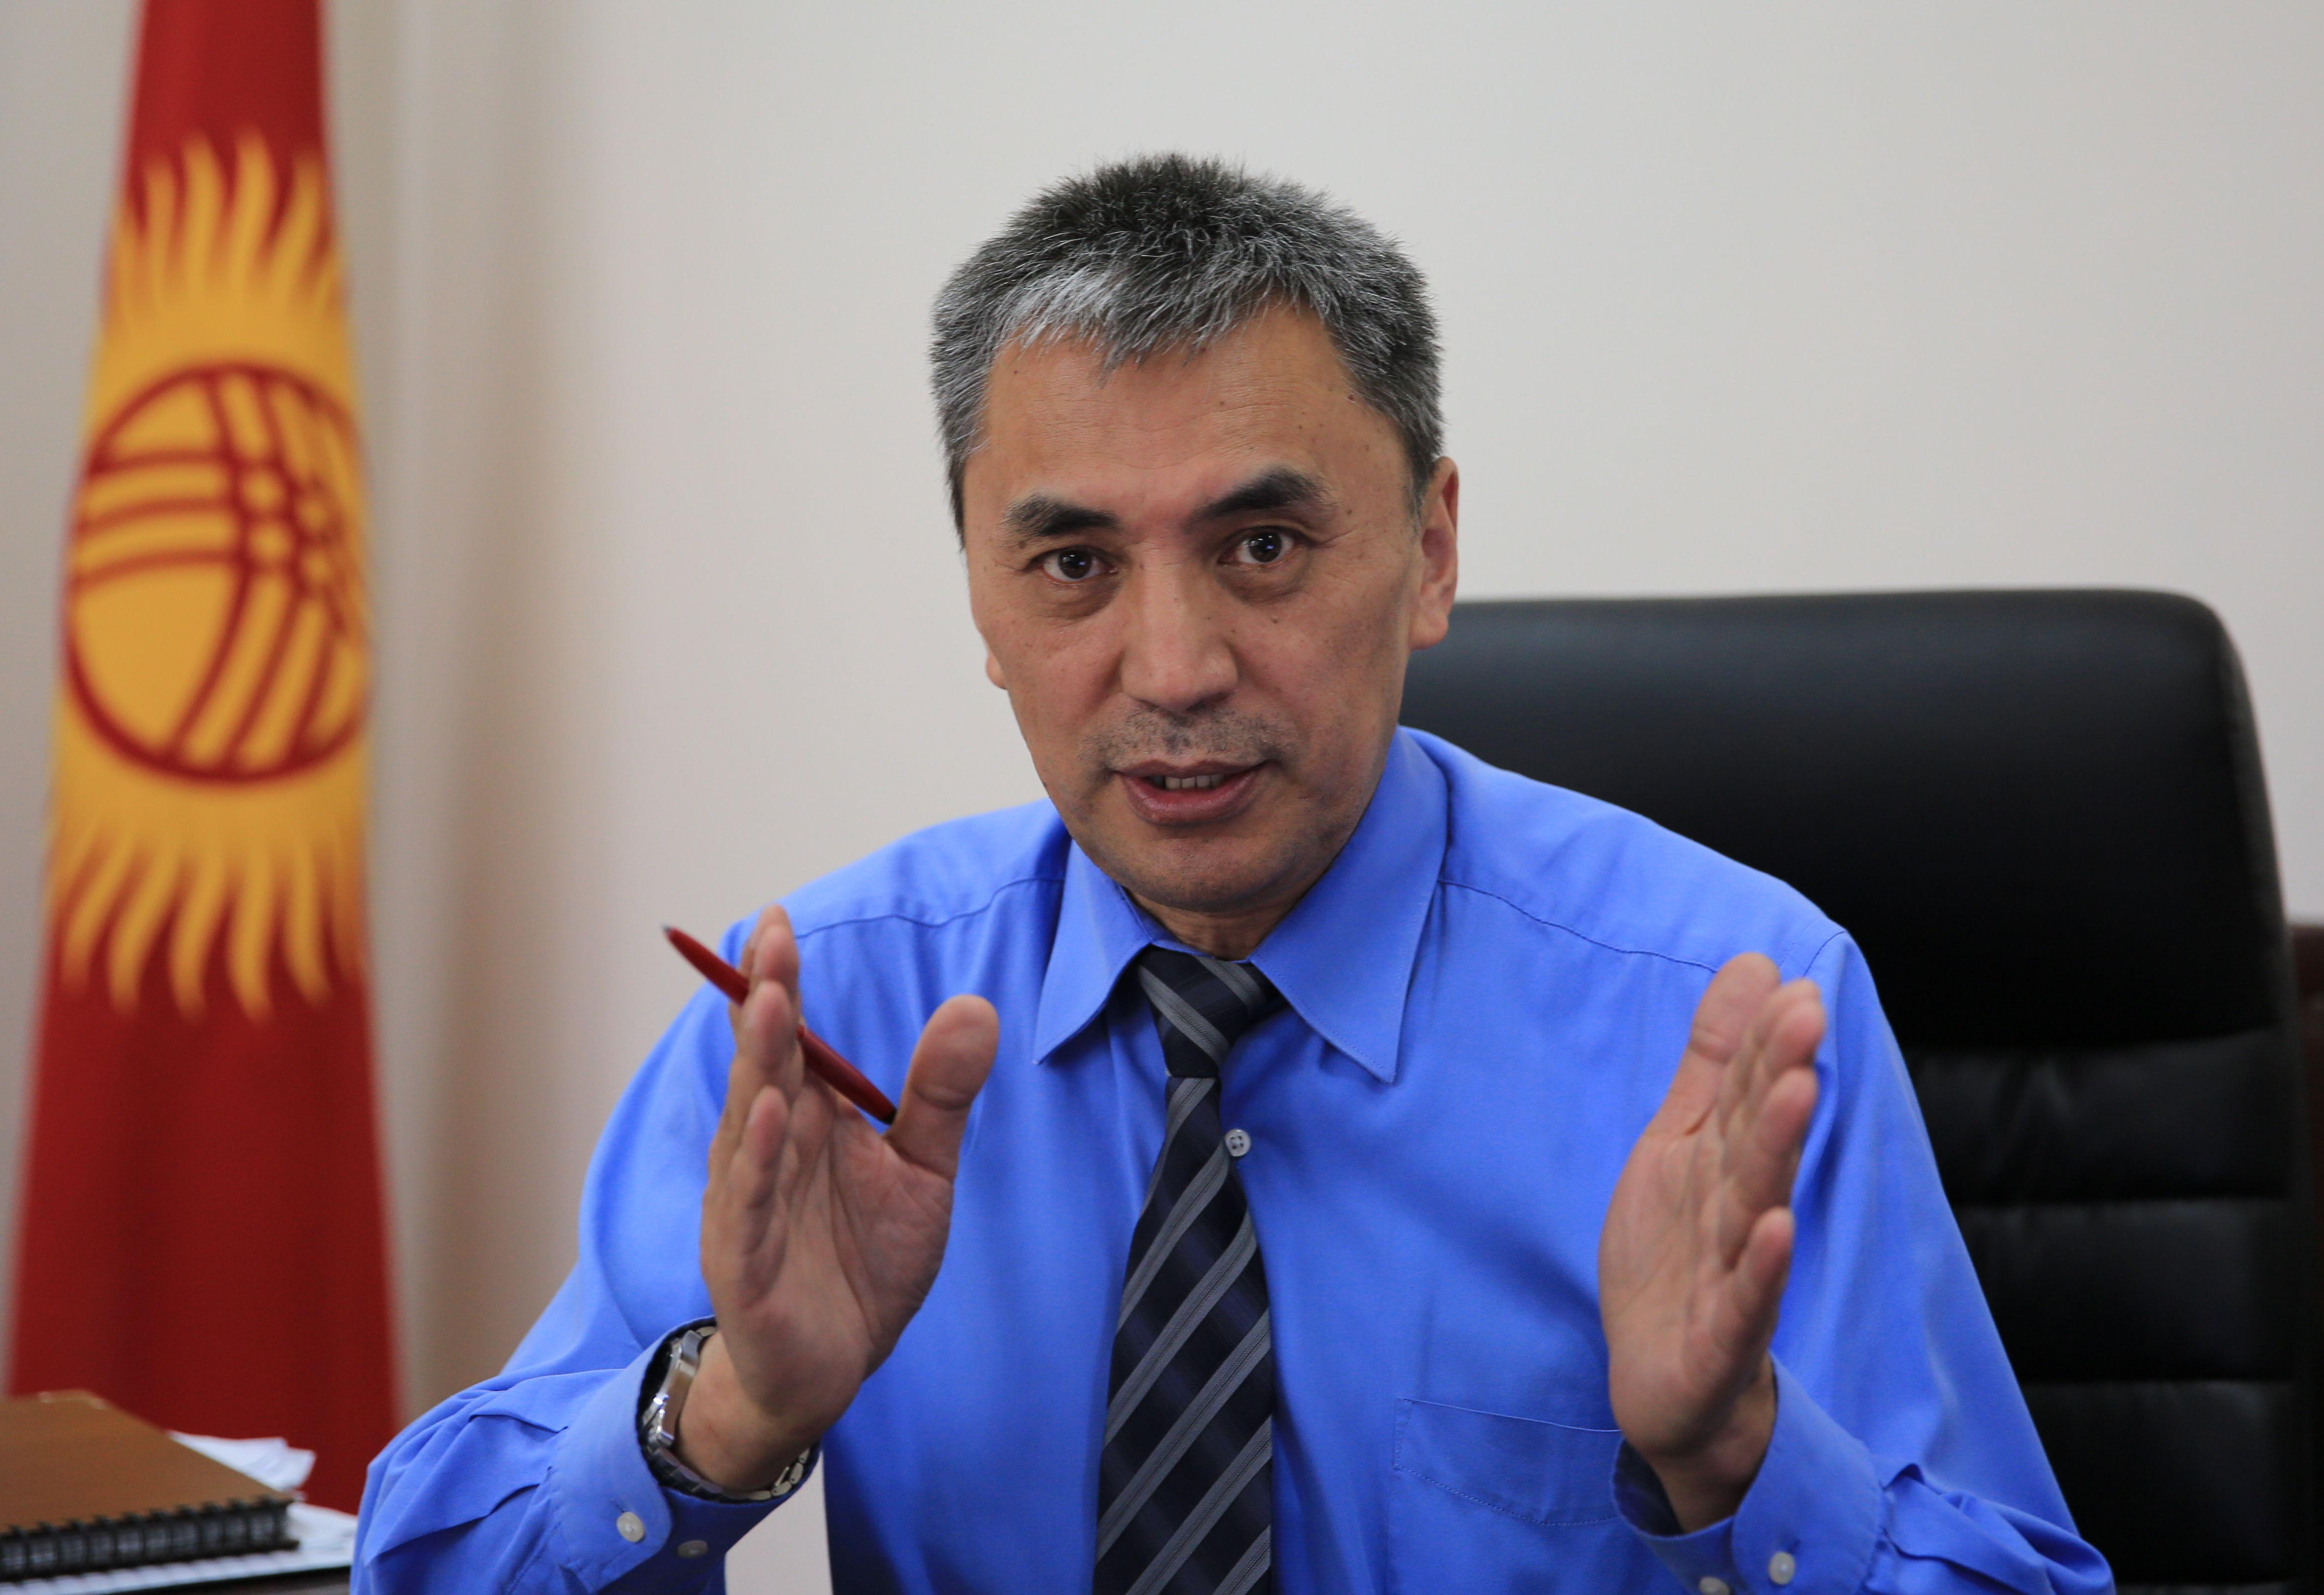 Кубан Абдымен в рабочем кабинете